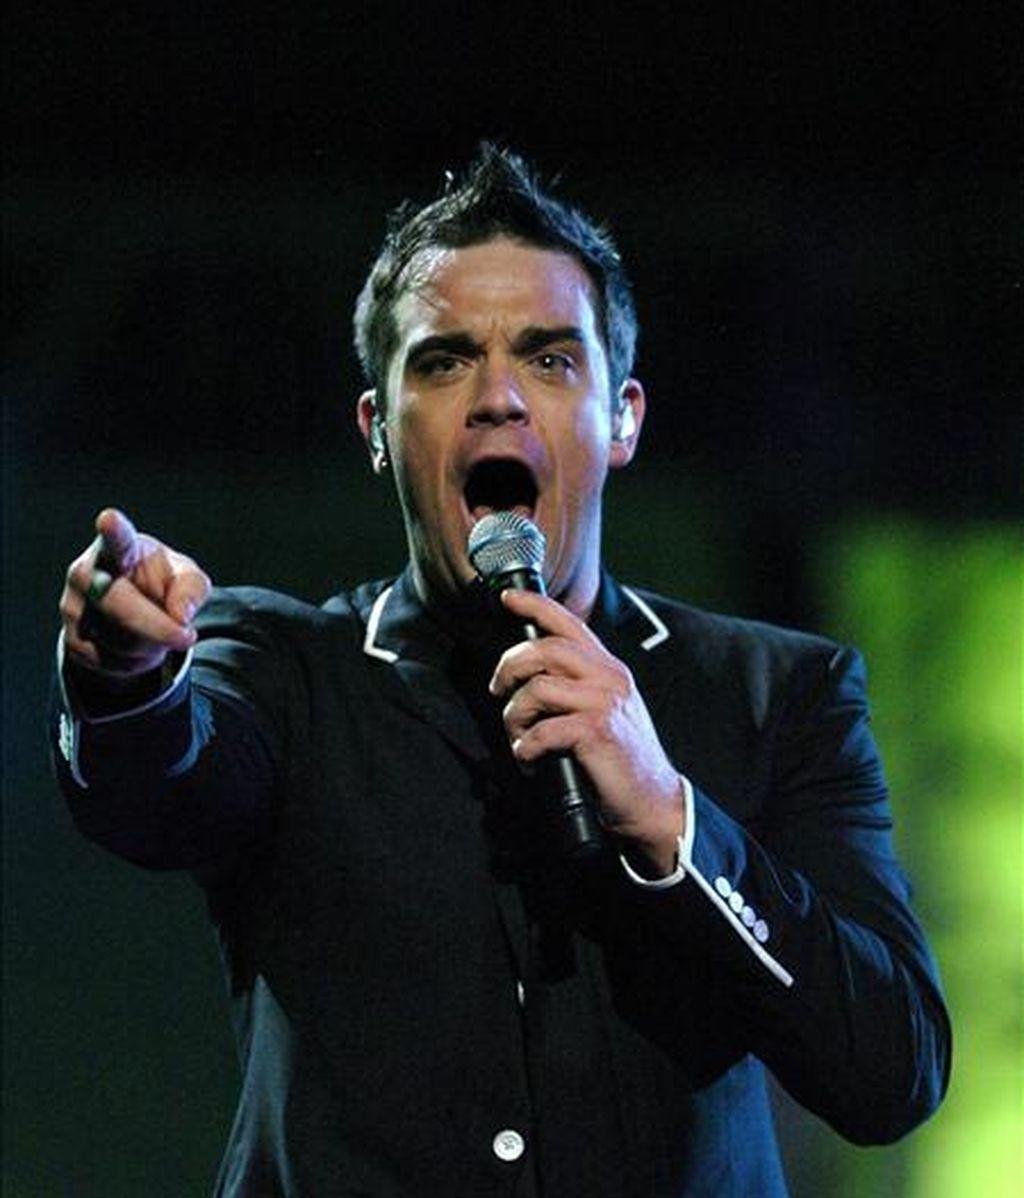 El cantante Robbie Williams está preparado para volver al grupo musical Take That. En la imagen, Robbie Williams durante una actuación. EFE/Archivo